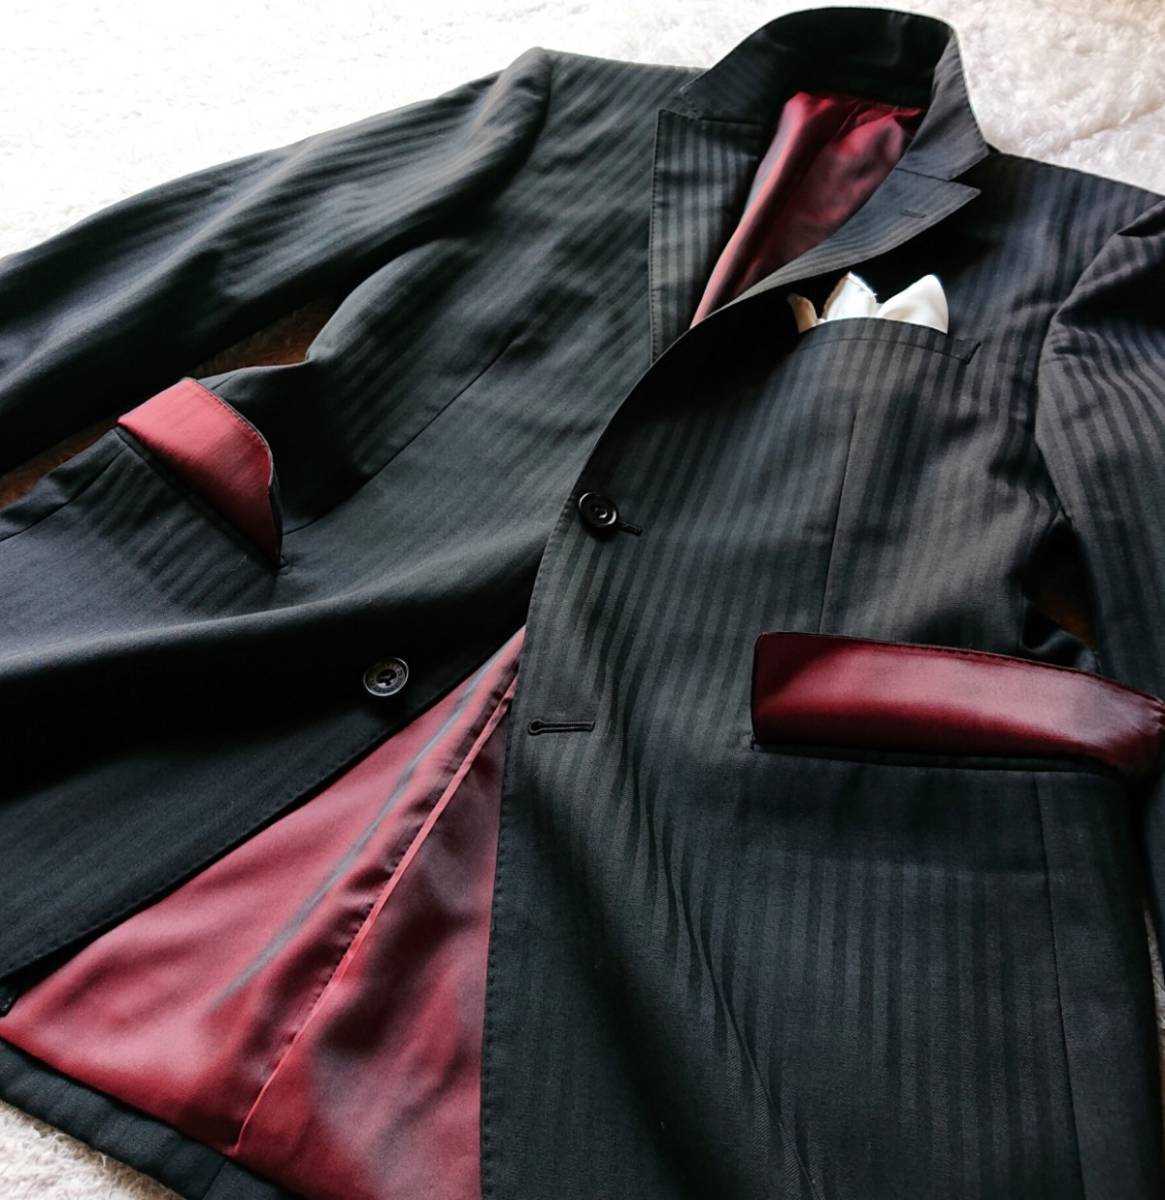 激レア希少 大人気赤 BURBERRY BLACK LABEL ★ シルク混 スリーピース バーバリー ブラック レーベル スーツ セットアップ メンズ ブラック_画像5